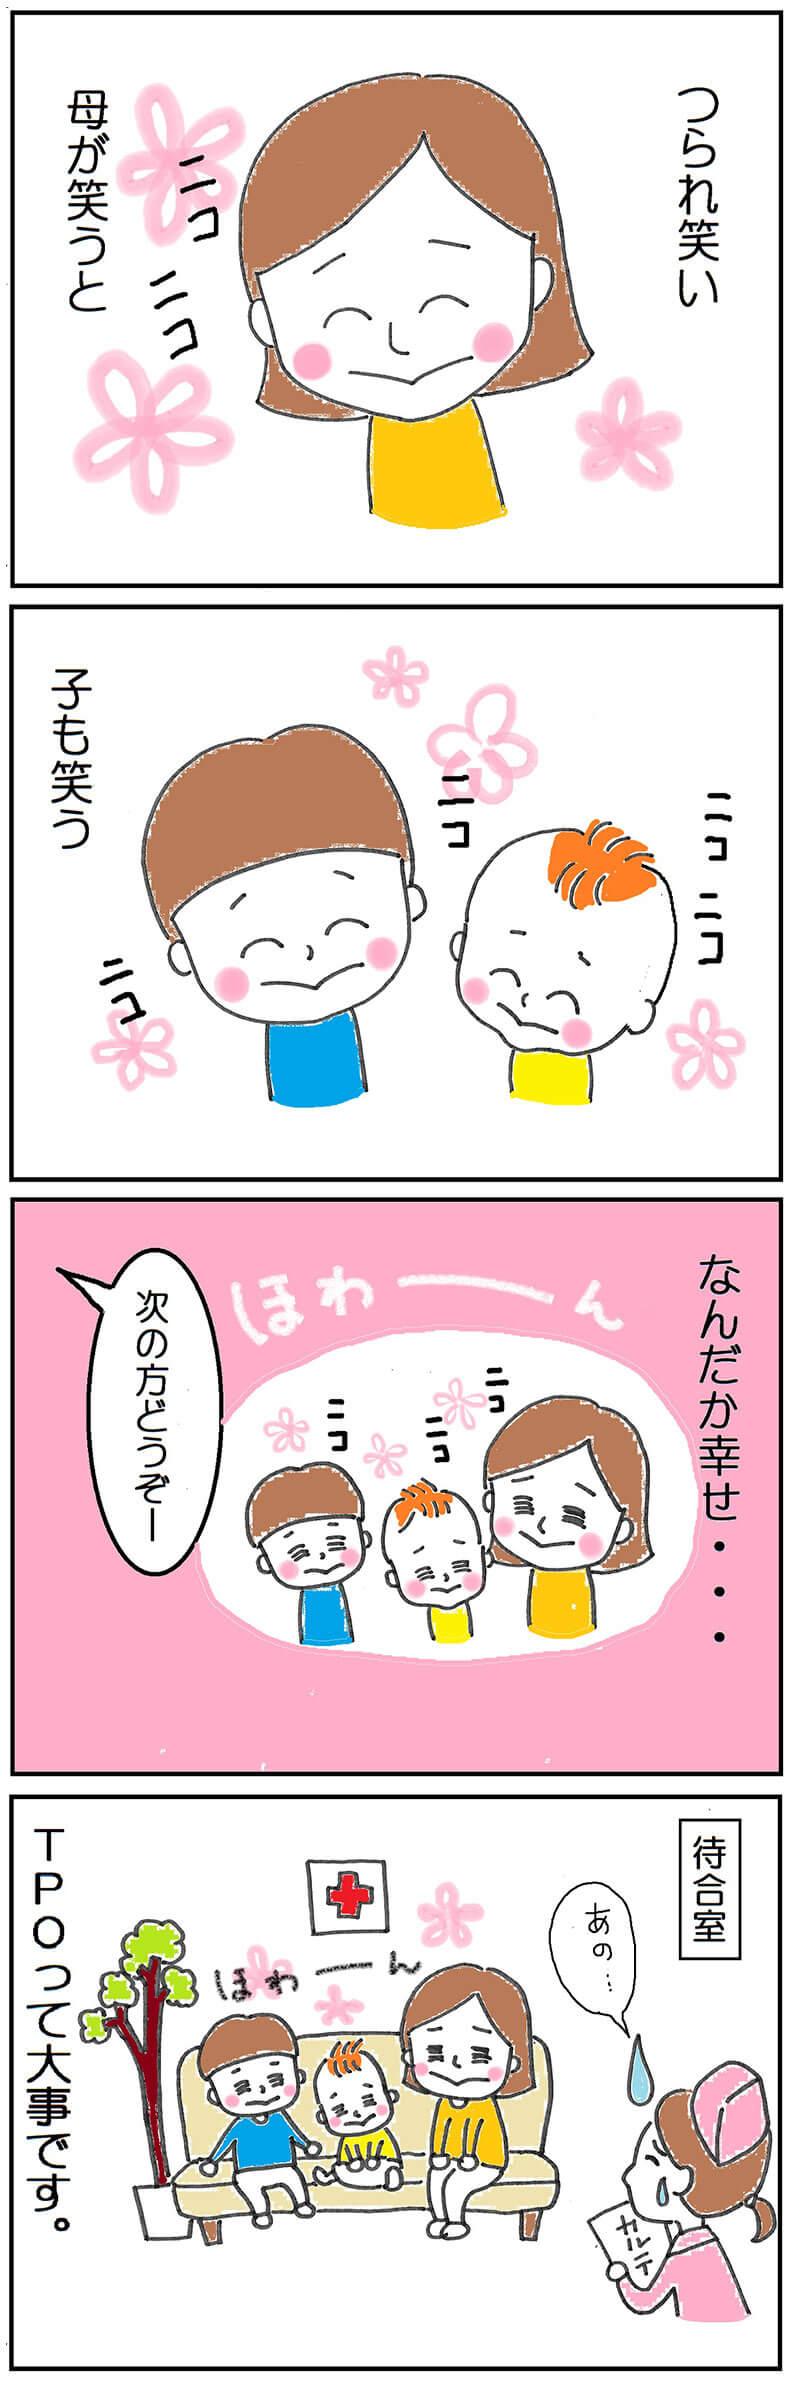 つられ笑いの4コマ漫画